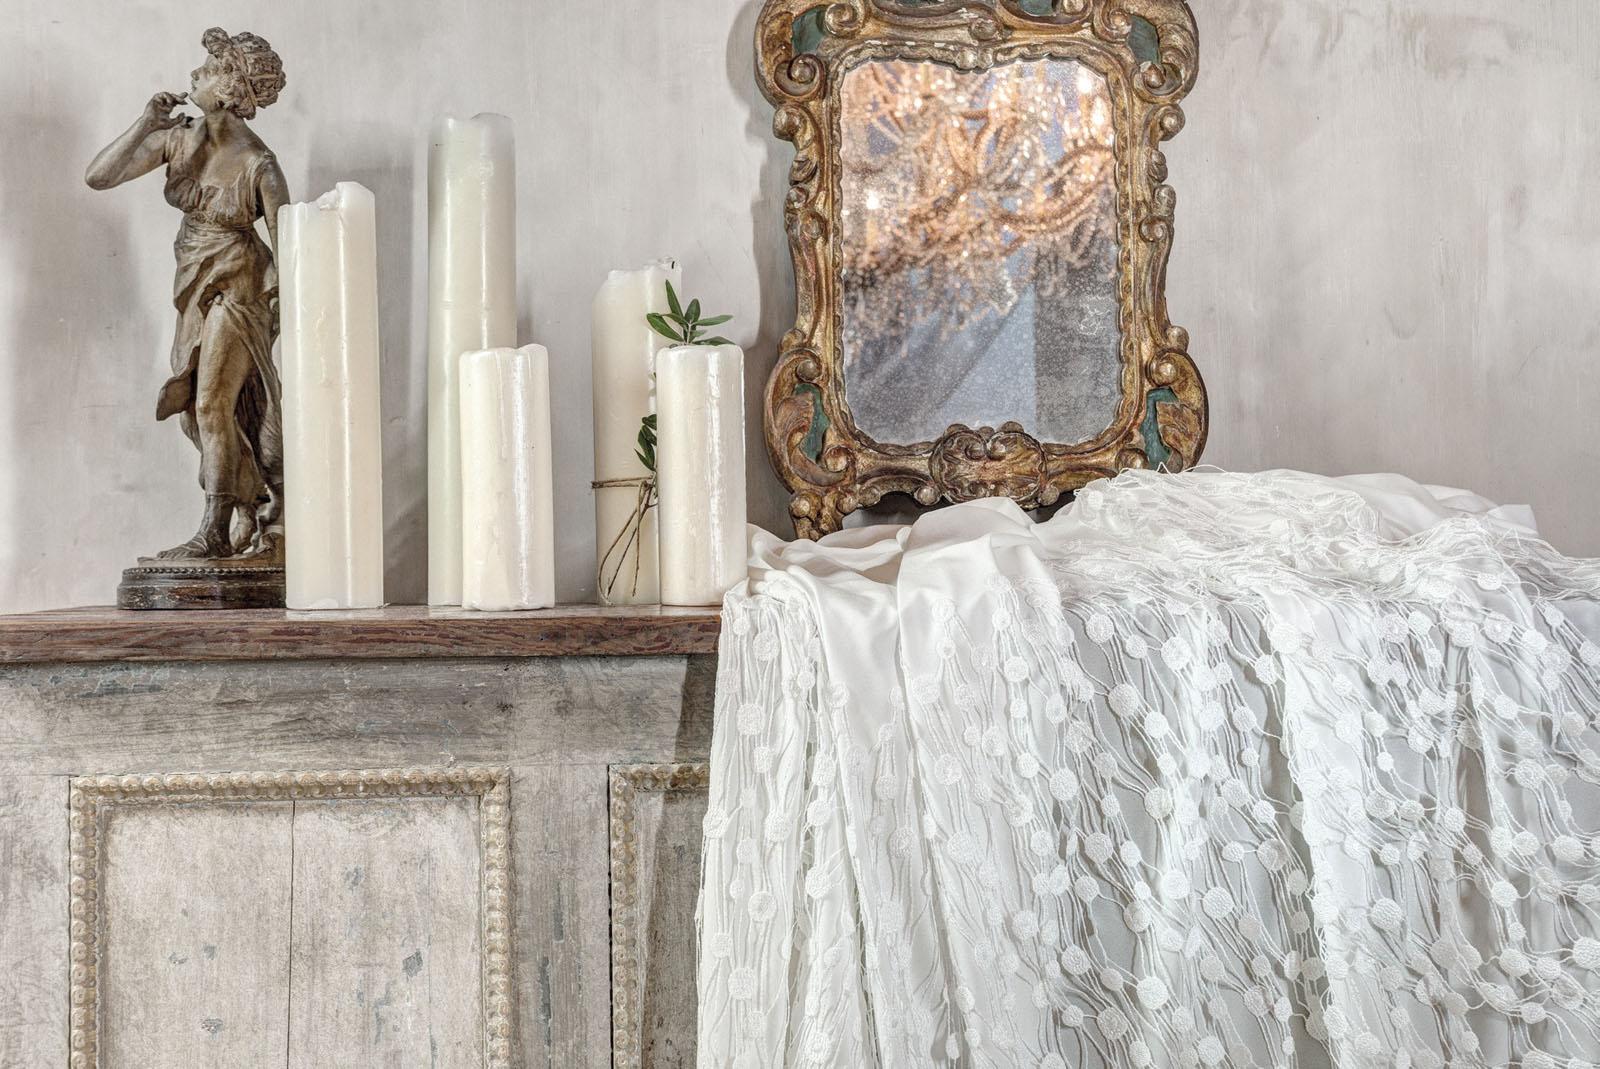 ciesse-tendaggi-collezione-home-articolo-Sinuosa-ciesse-tendaggi-tessuti-rivenditori-ciesse-tendaggi-vendita-tessuti-ciesse-tendaggi-tessuti-tendaggi-verona-tessuti-pregiati-verona-tessuti-ambienti